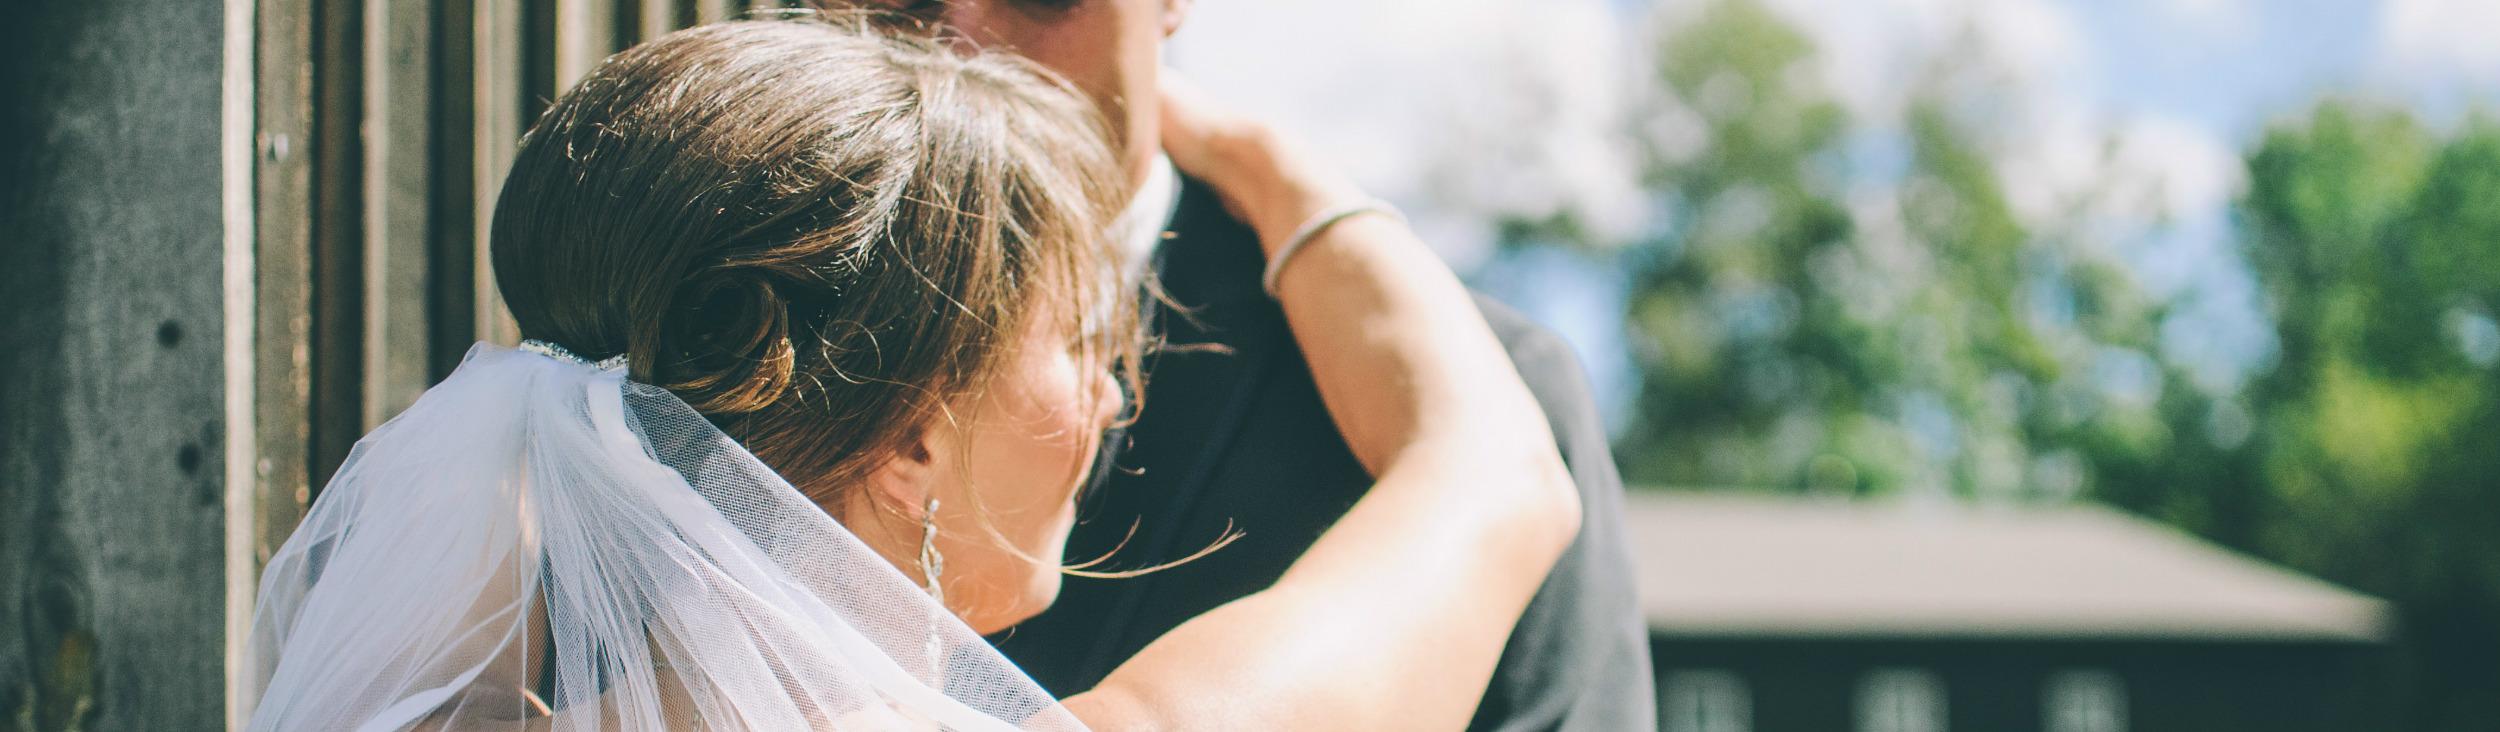 michael tinio wedding dj.jpg